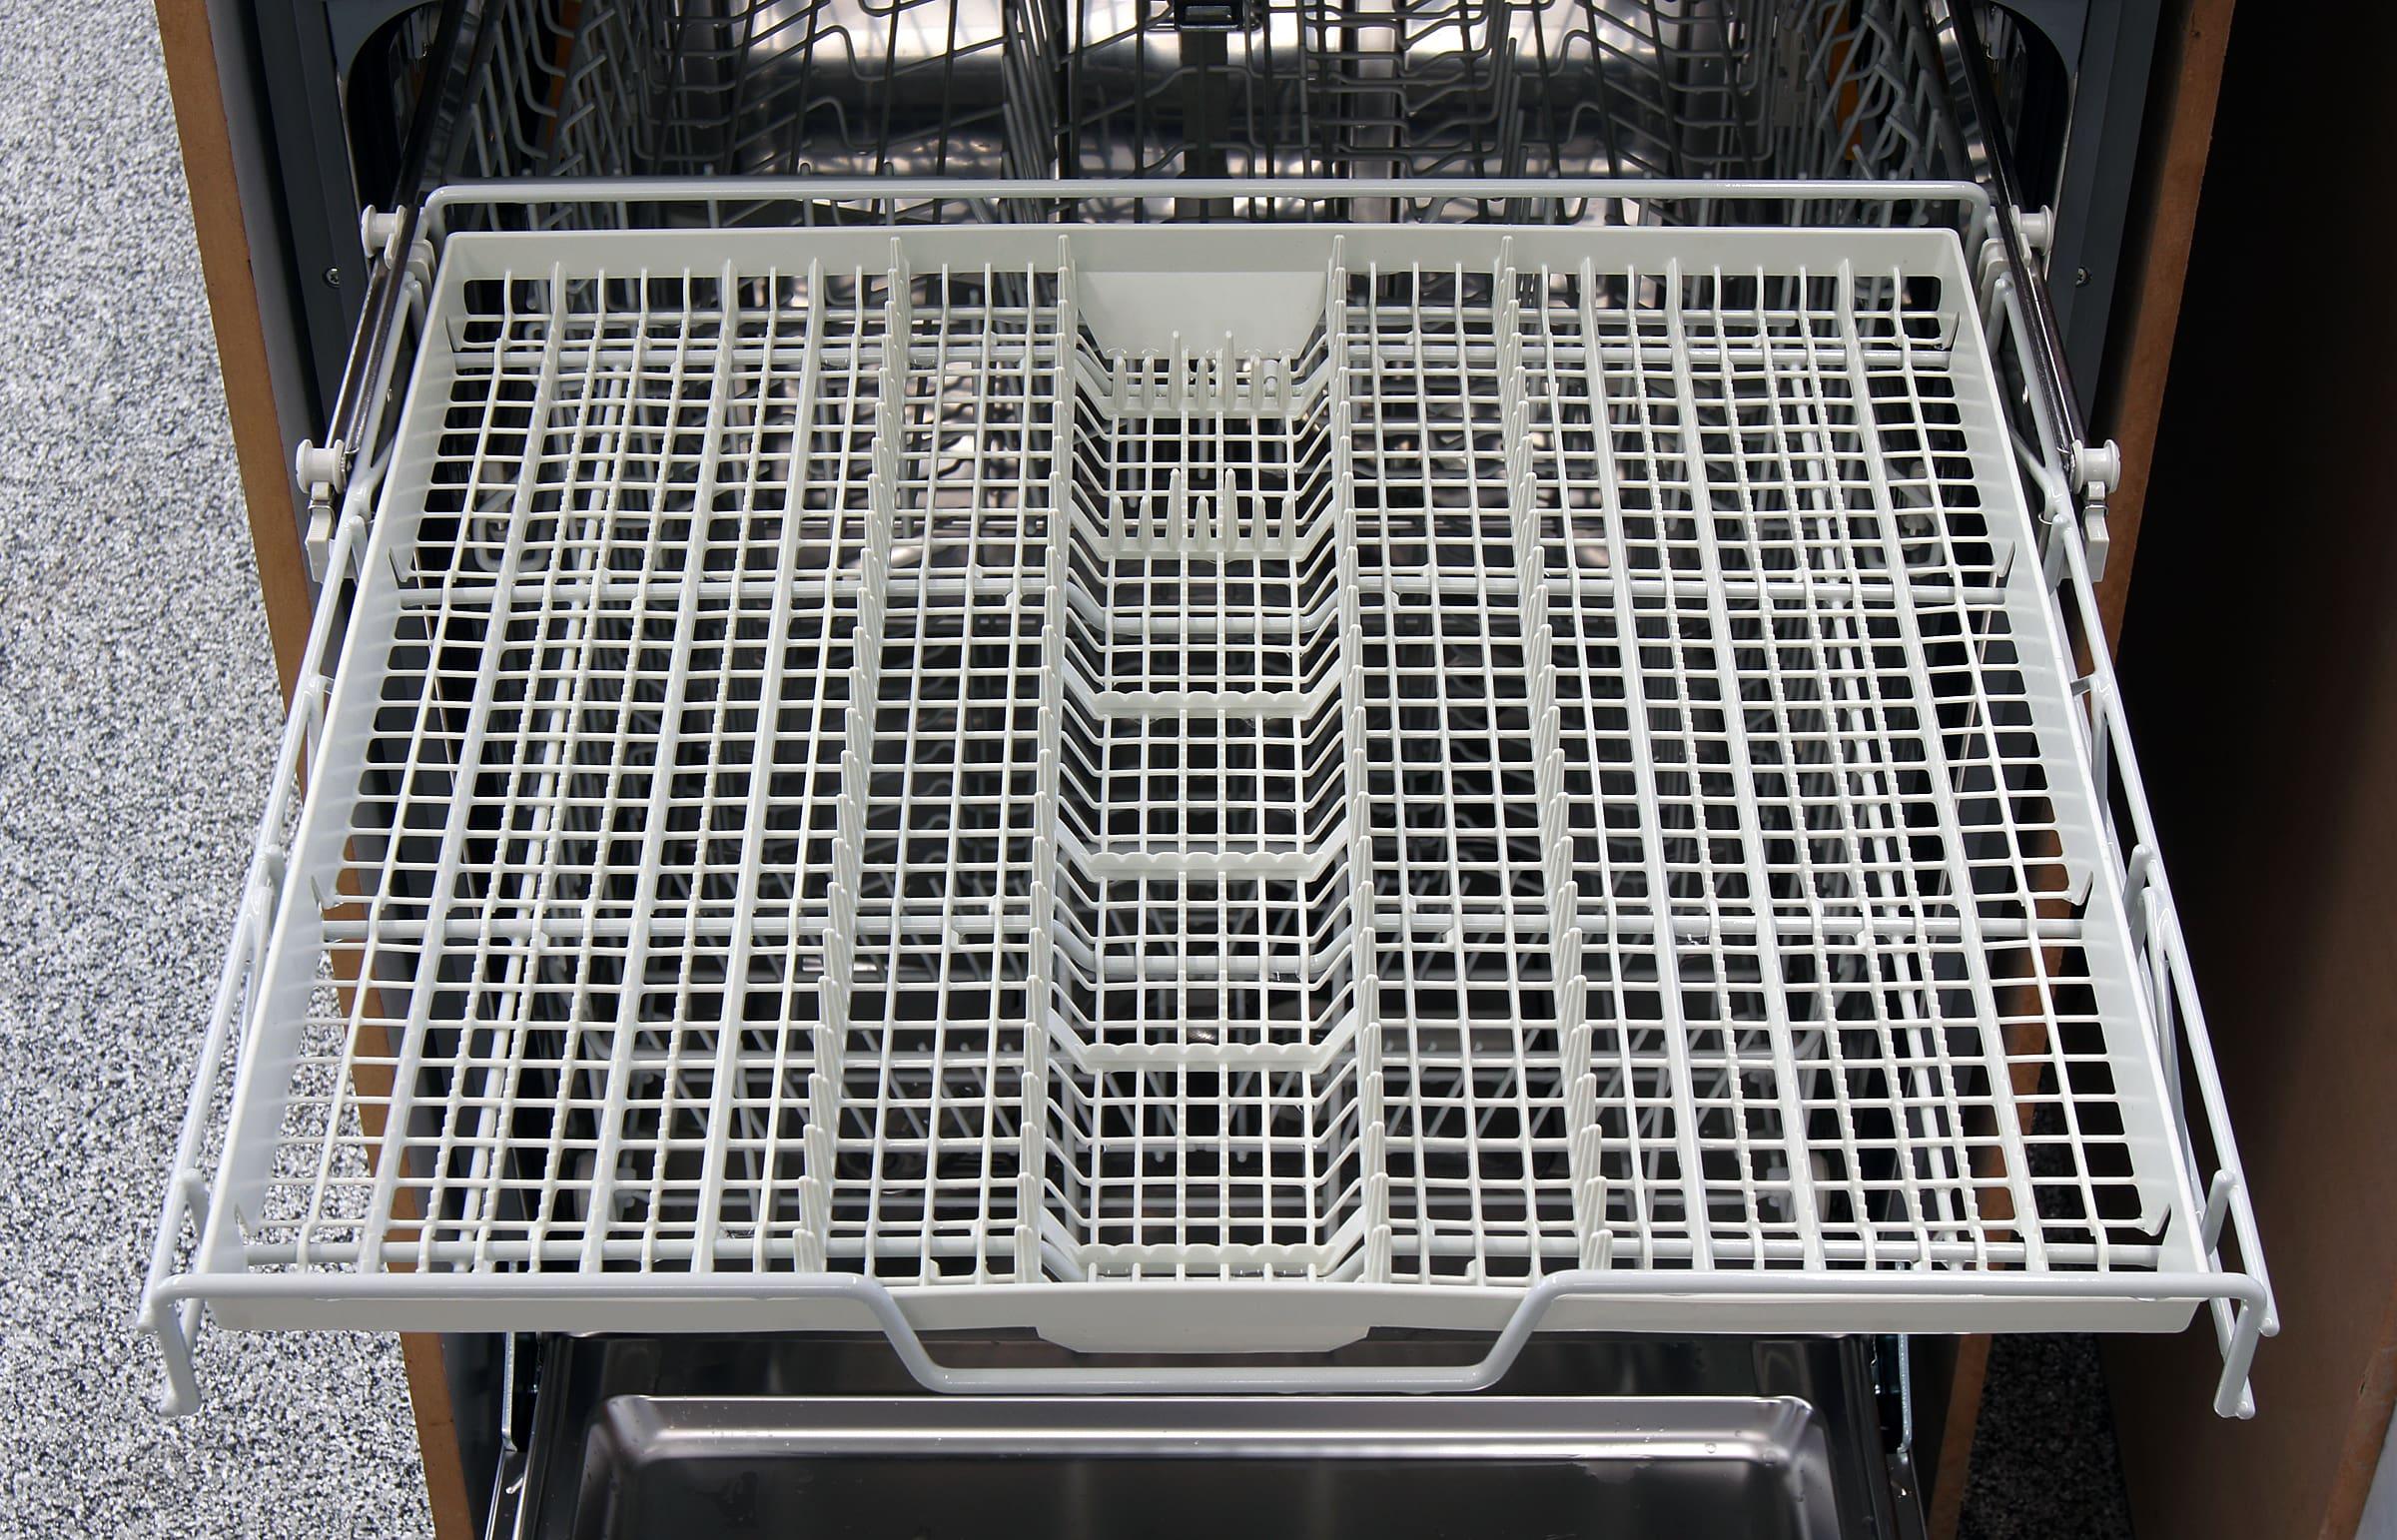 Miele G4225SCU cutlery tray